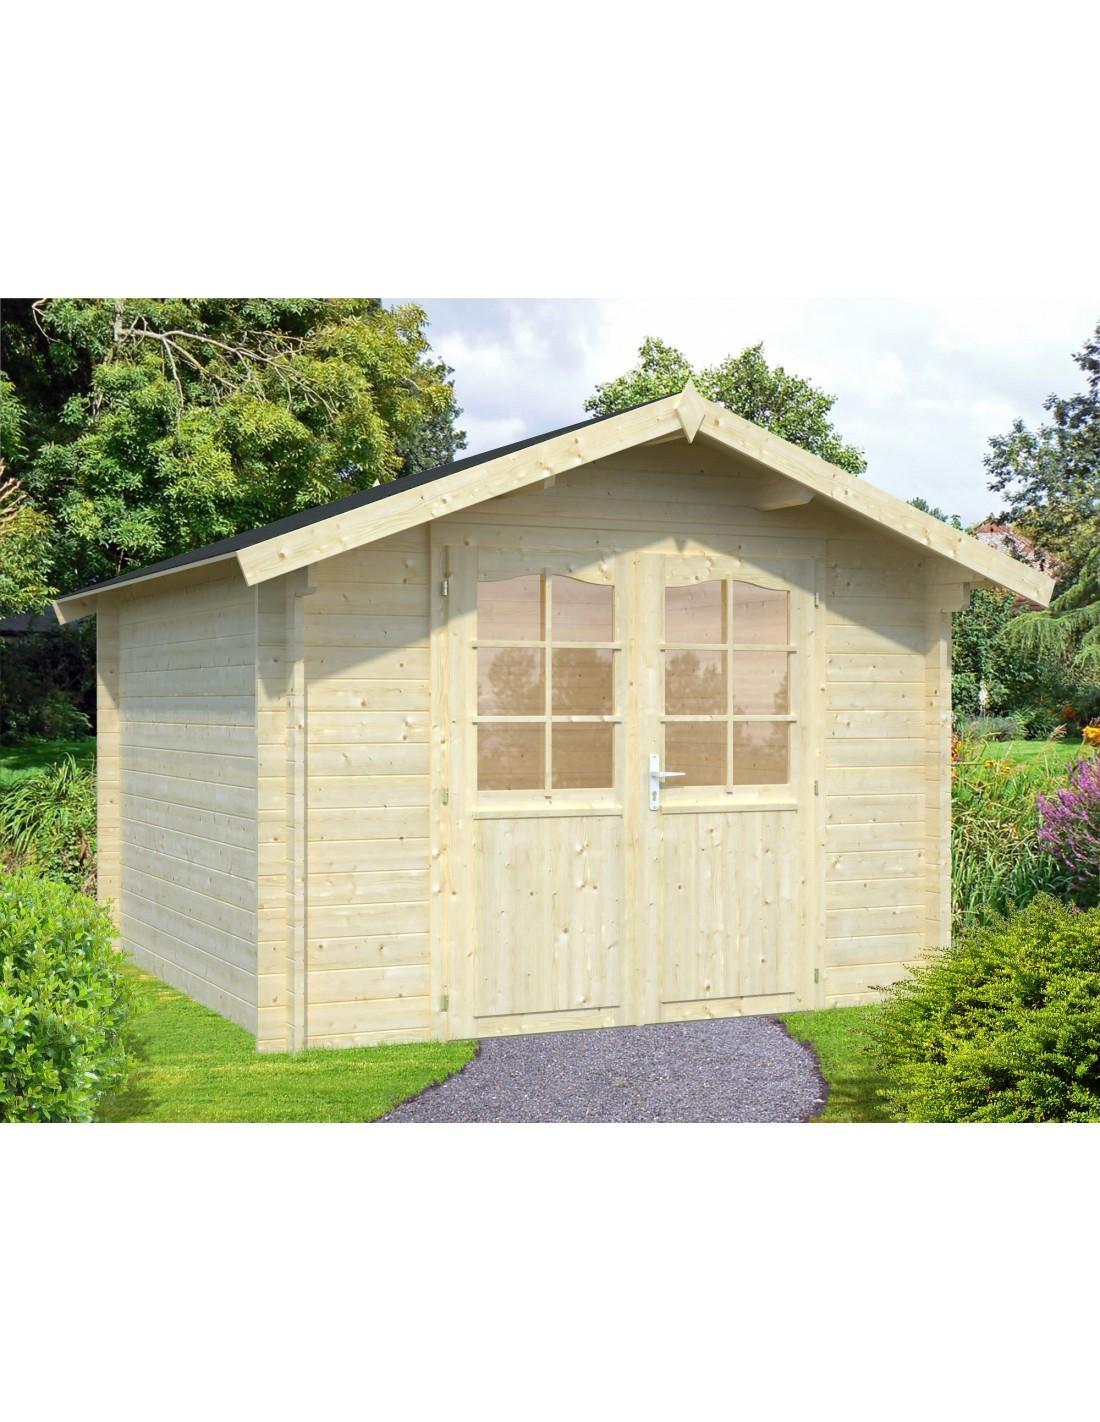 Abri de jardin dublin 5 3 m bois massif 34 mm for Cabane de jardin en bois traite